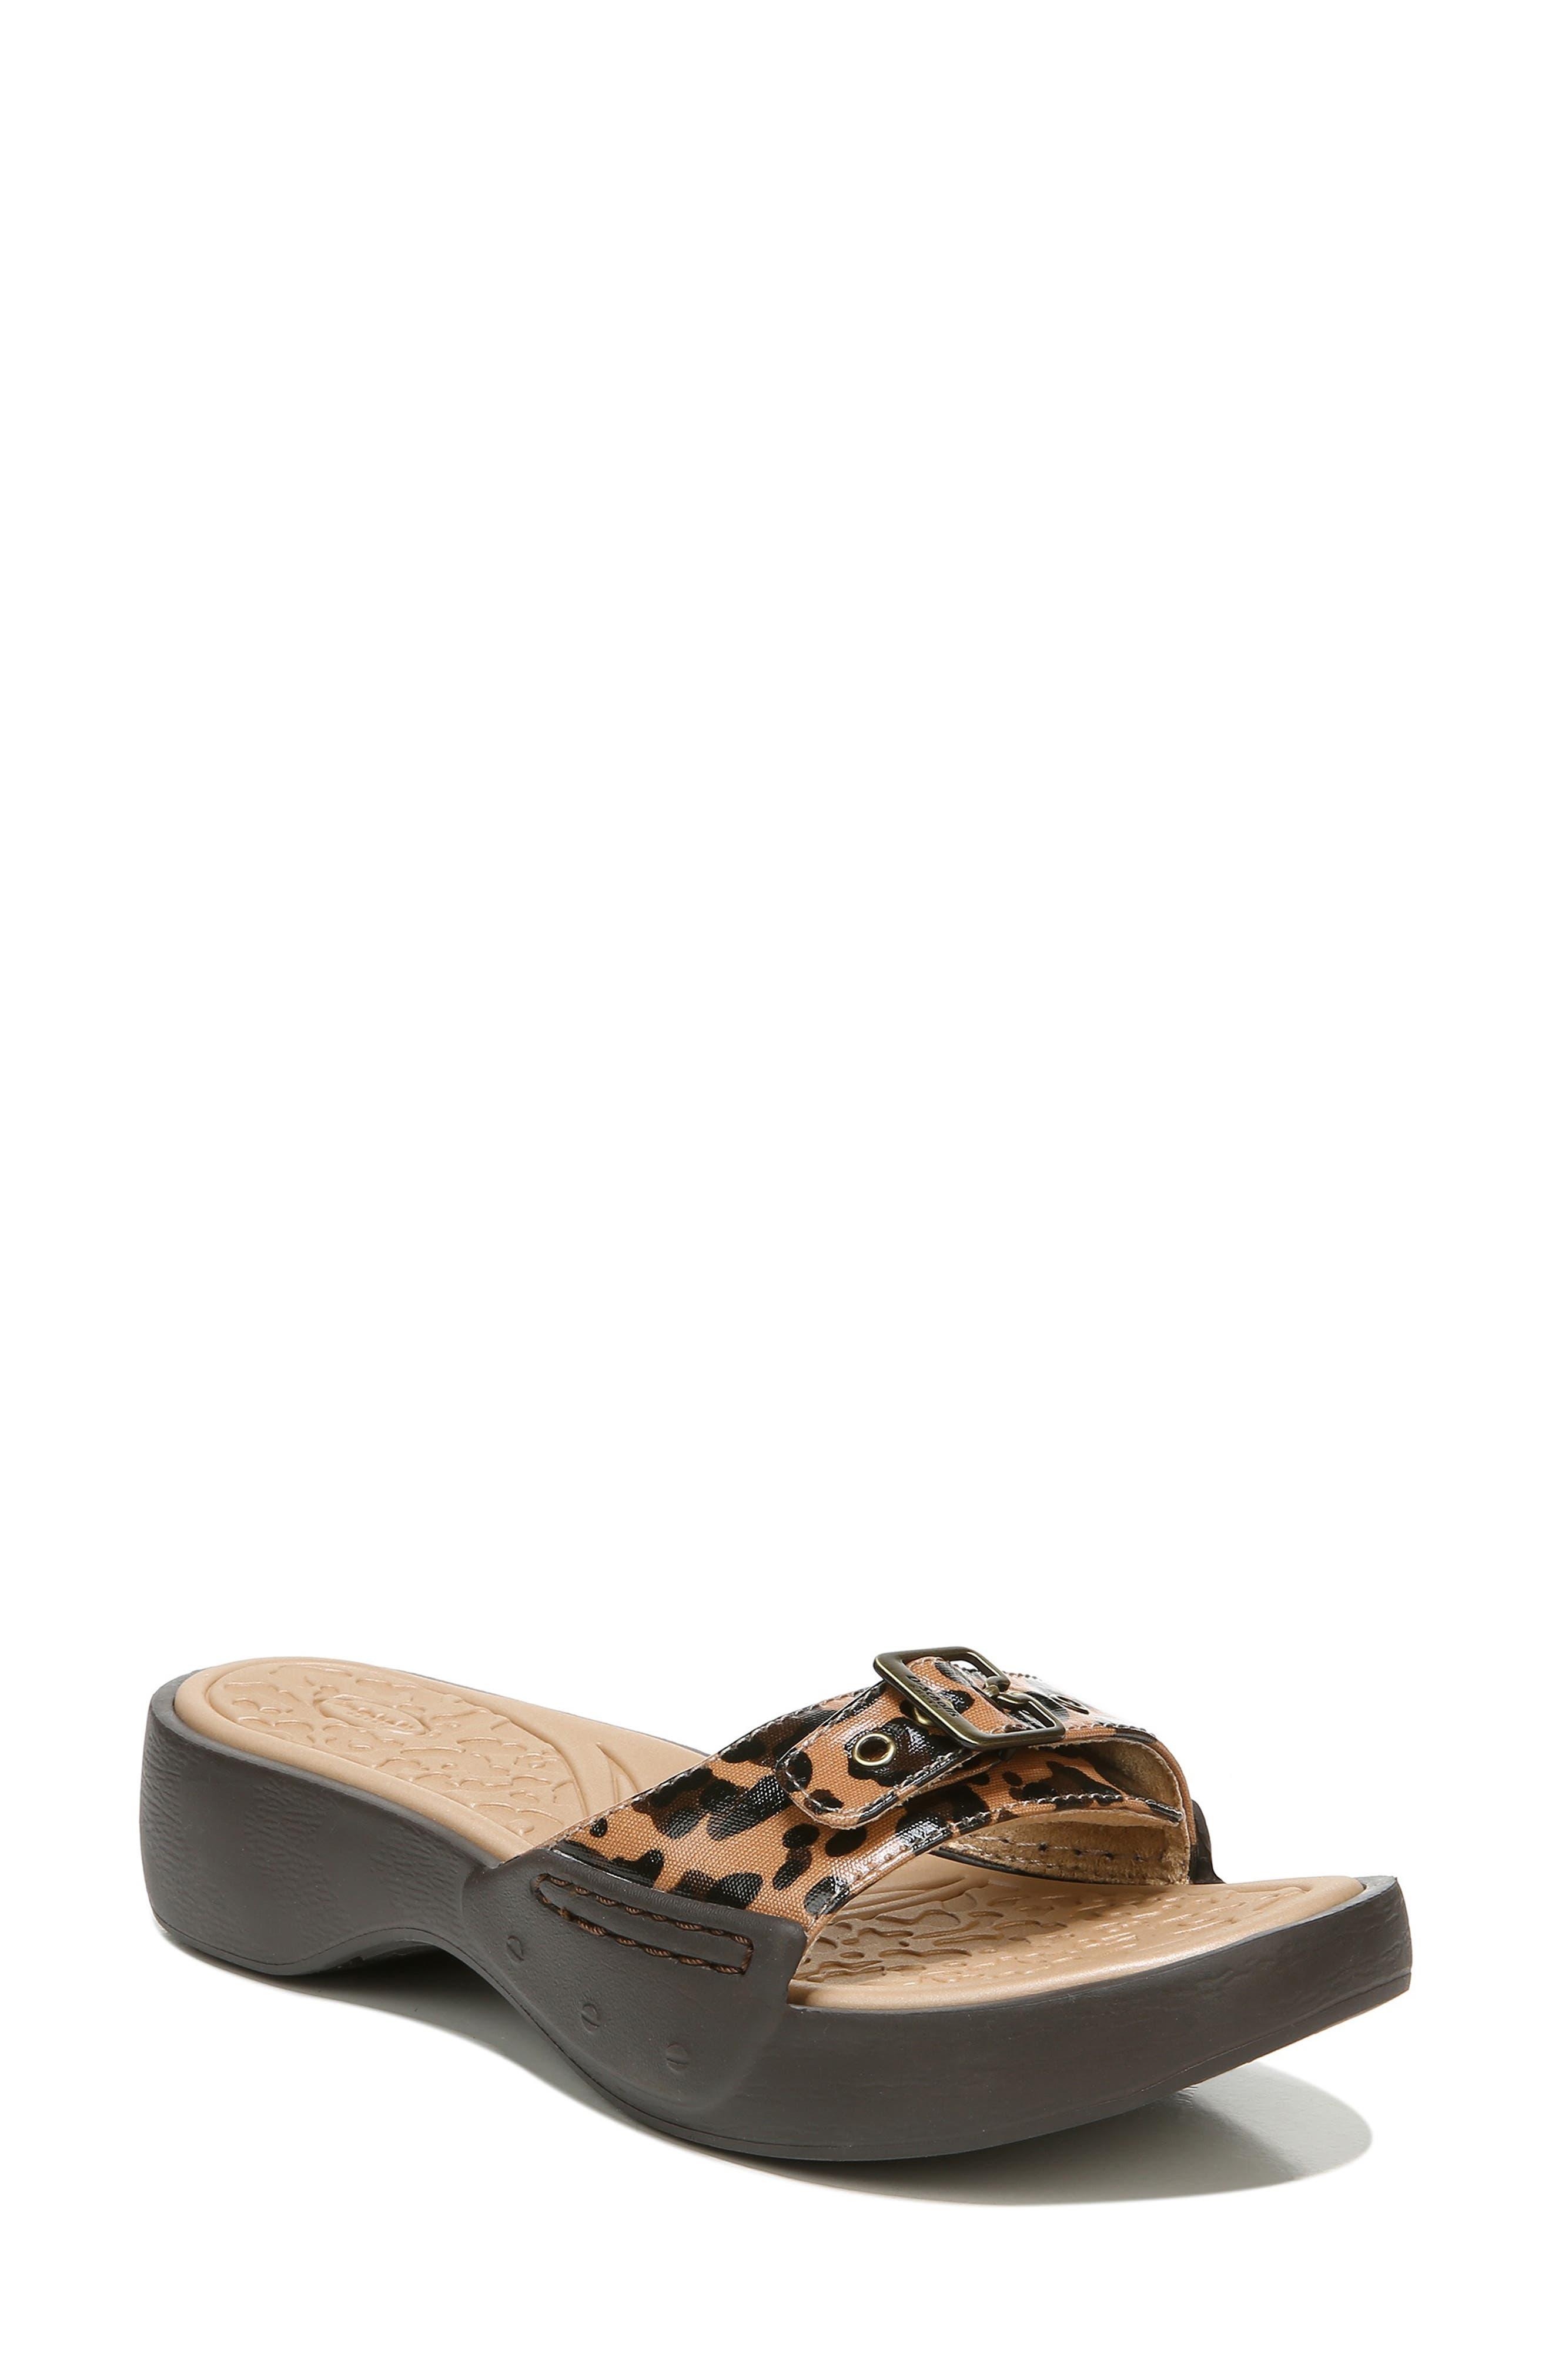 Rock On Slide Sandal